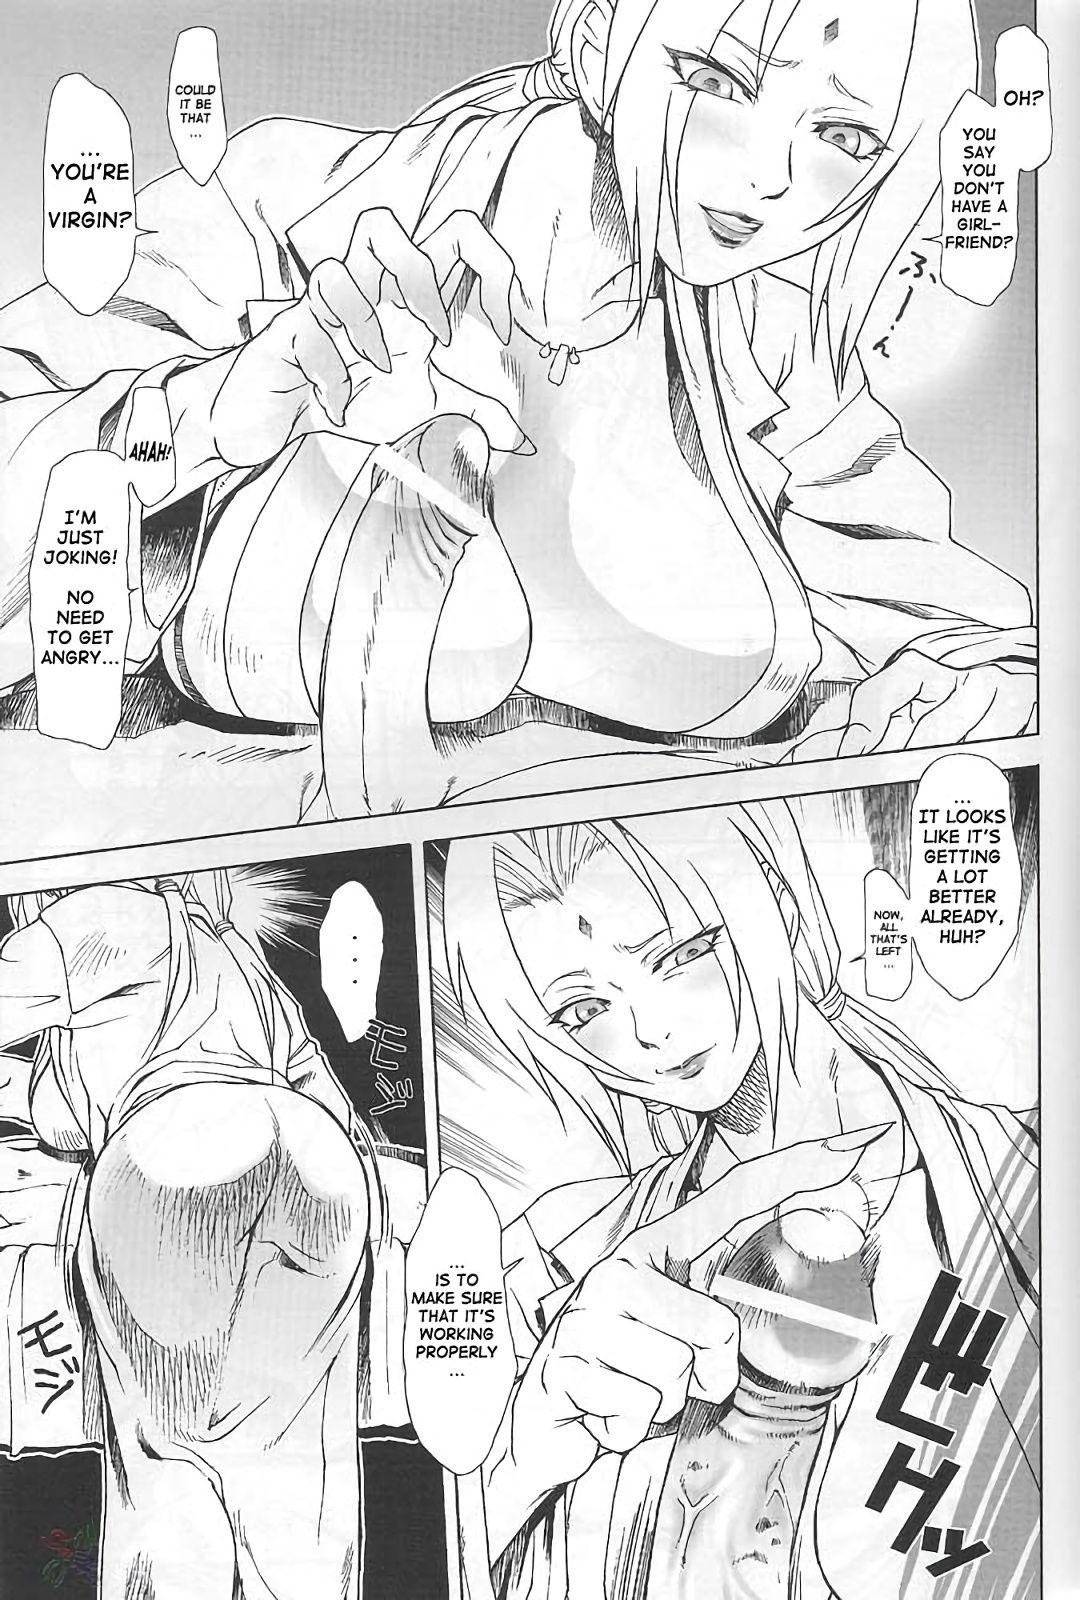 Ketsu megaton nin hentai manga picture 14